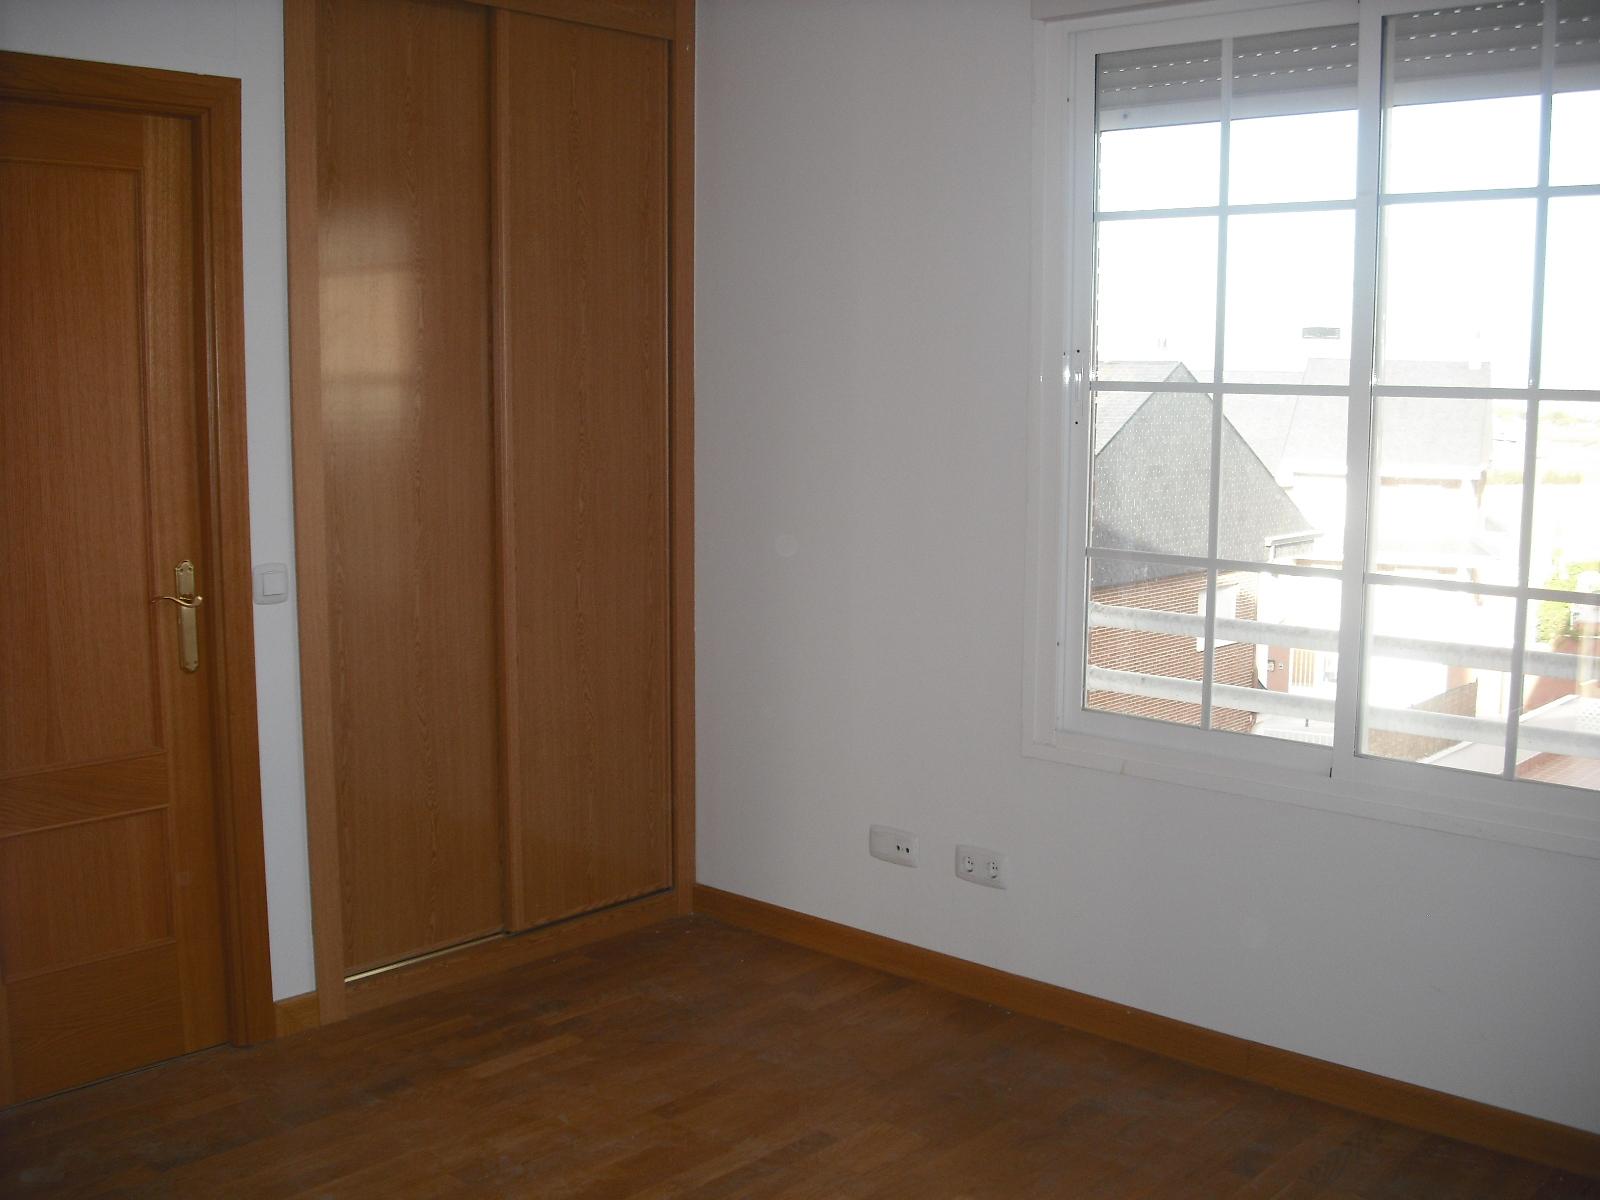 Apartamento en Moraleja de Enmedio (M55813) - foto7